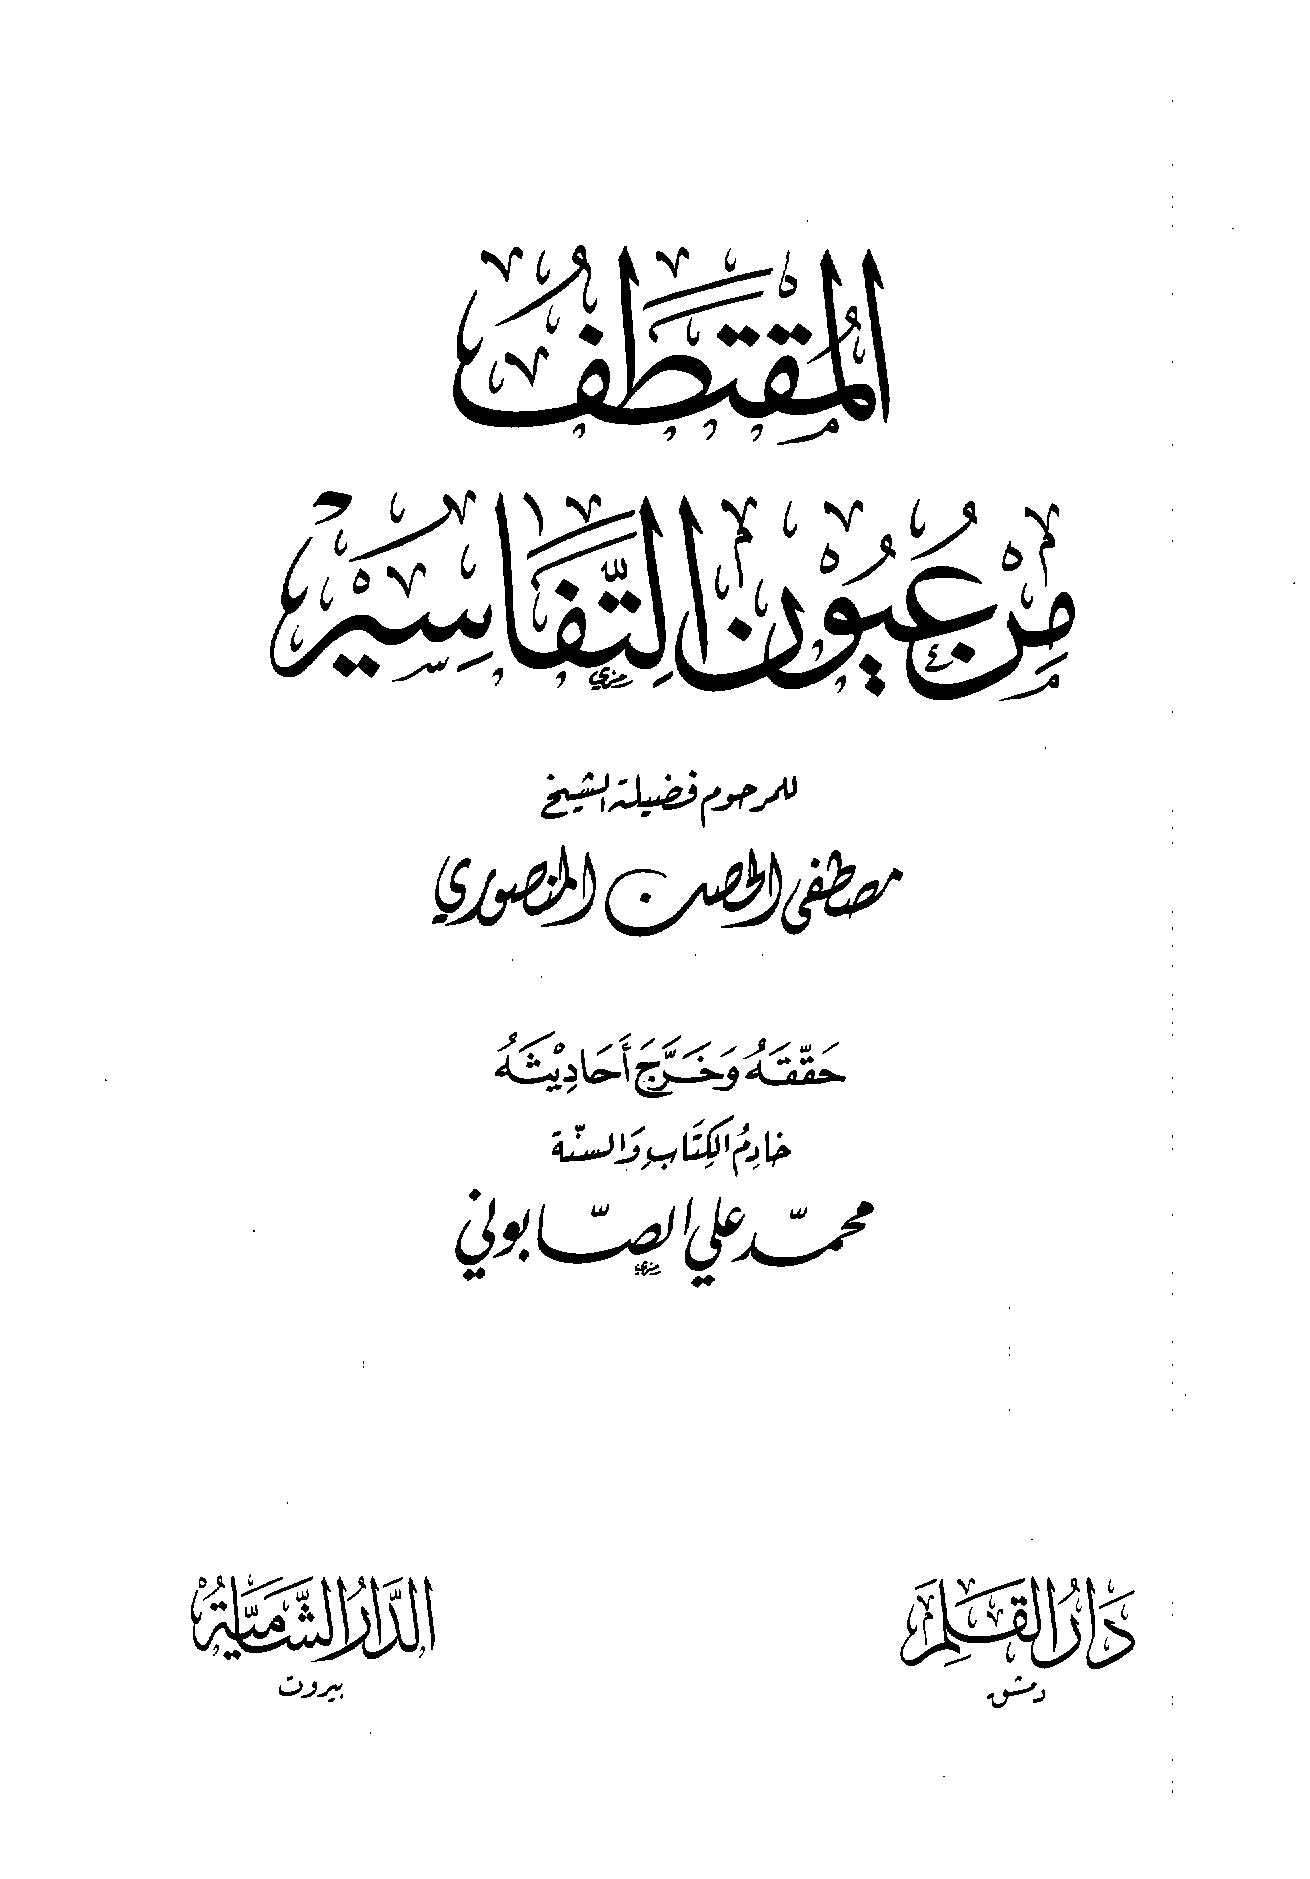 تحميل كتاب المقتطف من عيون التفاسير لـِ: الشيخ مصطفى بن ميمش بن الحسين الخيري الحصني المنصوري (ت 1390)